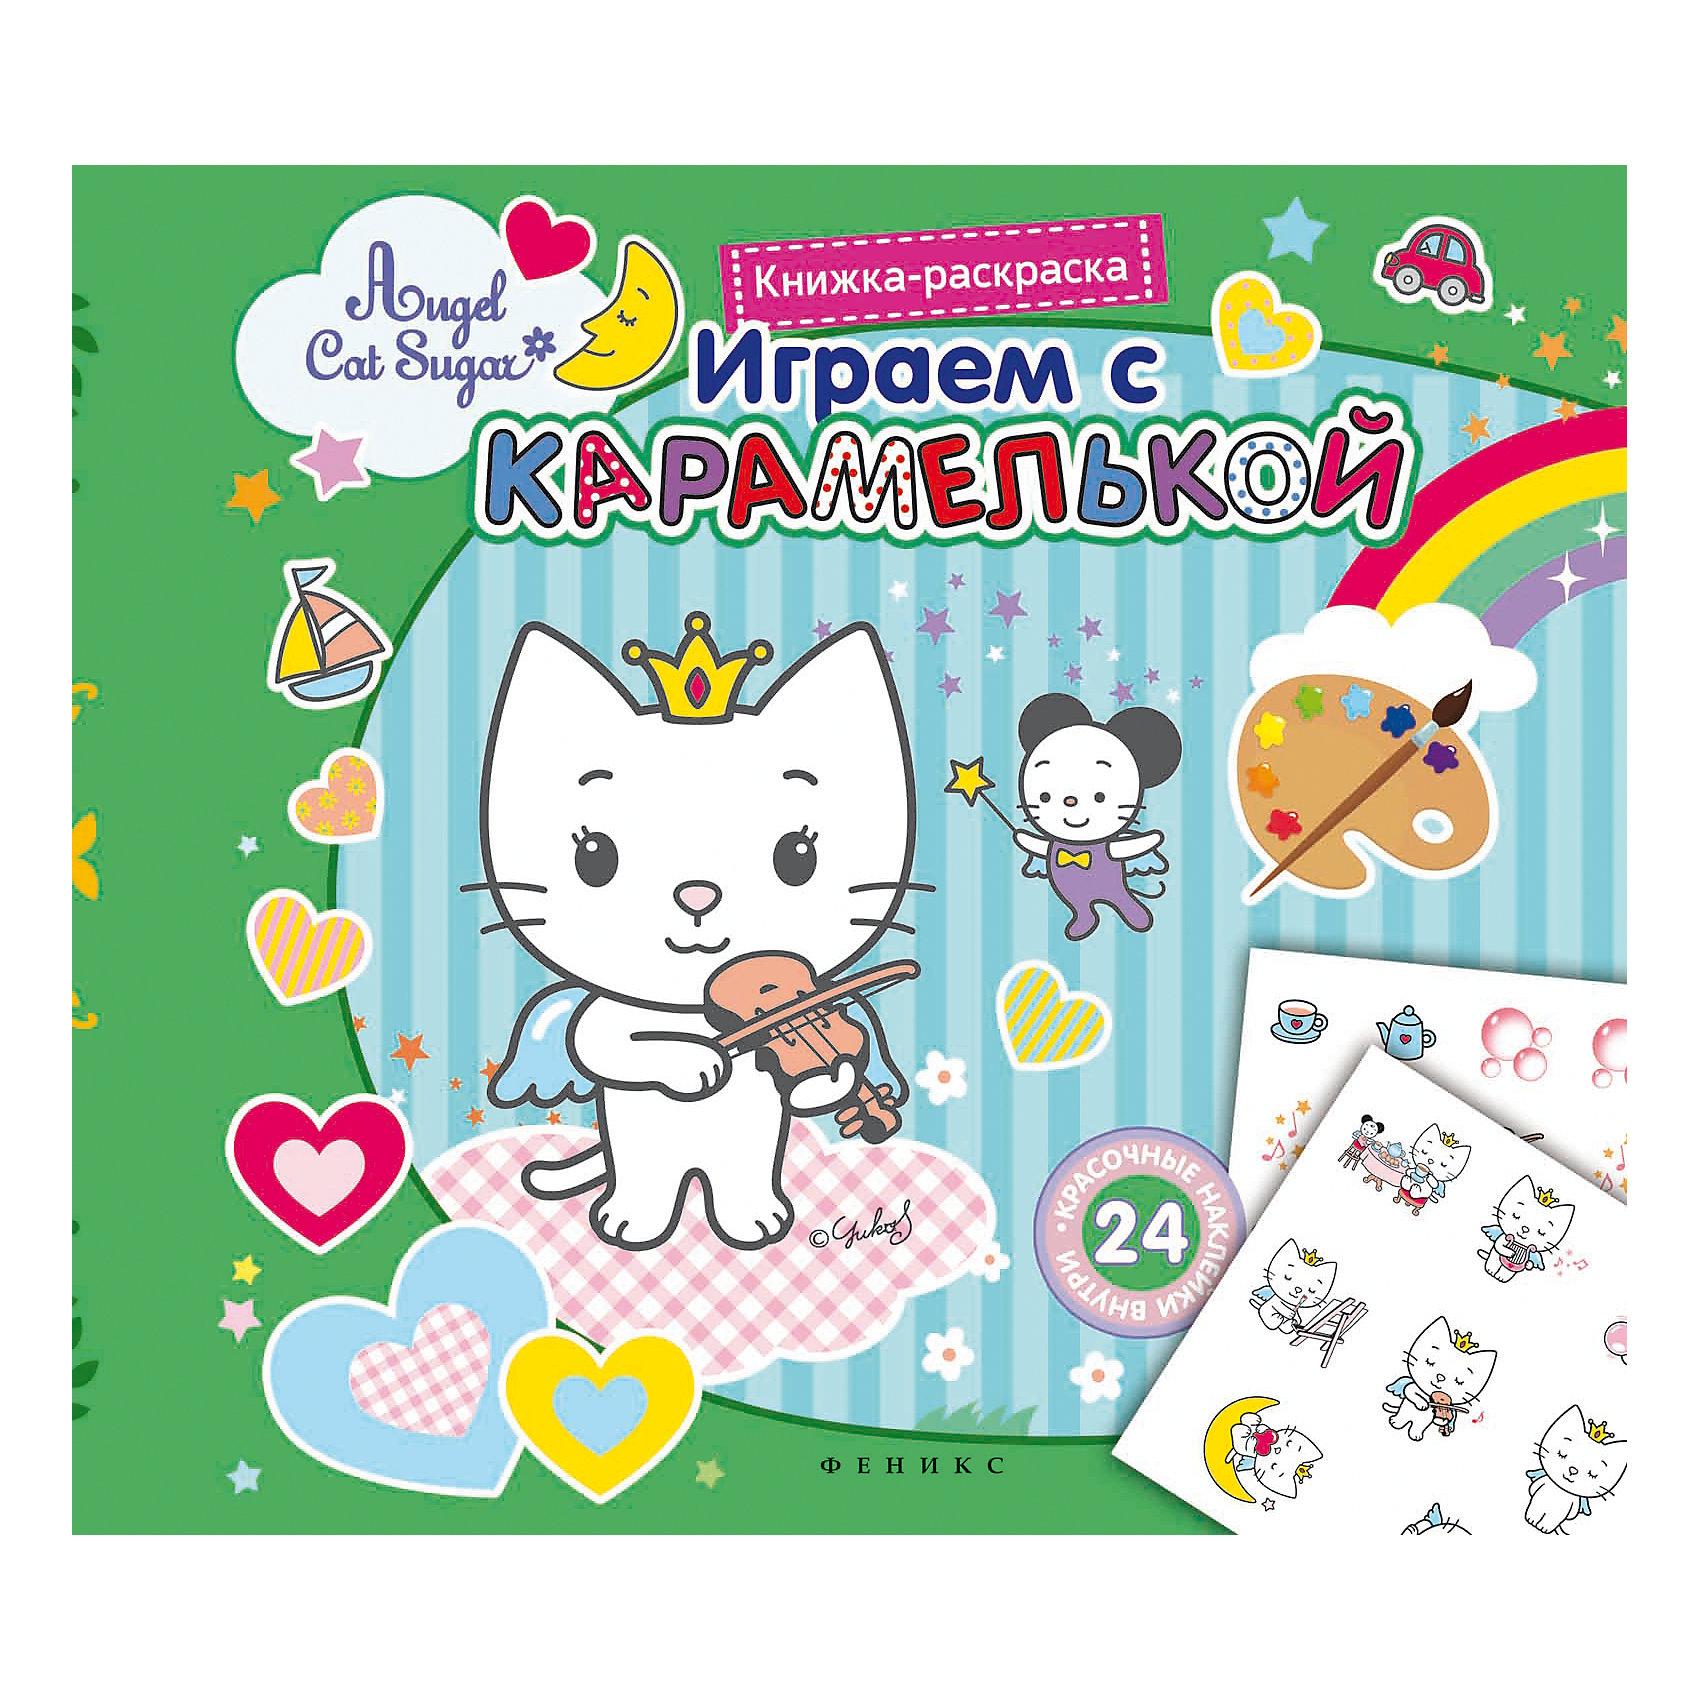 Играем с Карамелькой: книжка-раскраскаРисование<br>Angel Cat Sugar - известная героиня, которая наделена невероятной способностью дарить окружающим радость и счастье! Теперь она есть и в России! Раскрашивать вместе с Карамелькой - это не только увлекательное, но и очень полезное занятие: оно развивает мелкую моторику и творческий потенциал, учит работать с цветом.<br>Карамелька и её друзья помогут развить внимательность, аккуратность, с пользой займут ребёнка и подарят ему хорошее настроение!<br><br>Ширина мм: 228<br>Глубина мм: 238<br>Высота мм: 1<br>Вес г: 248<br>Возраст от месяцев: 36<br>Возраст до месяцев: 72<br>Пол: Унисекс<br>Возраст: Детский<br>SKU: 5480308